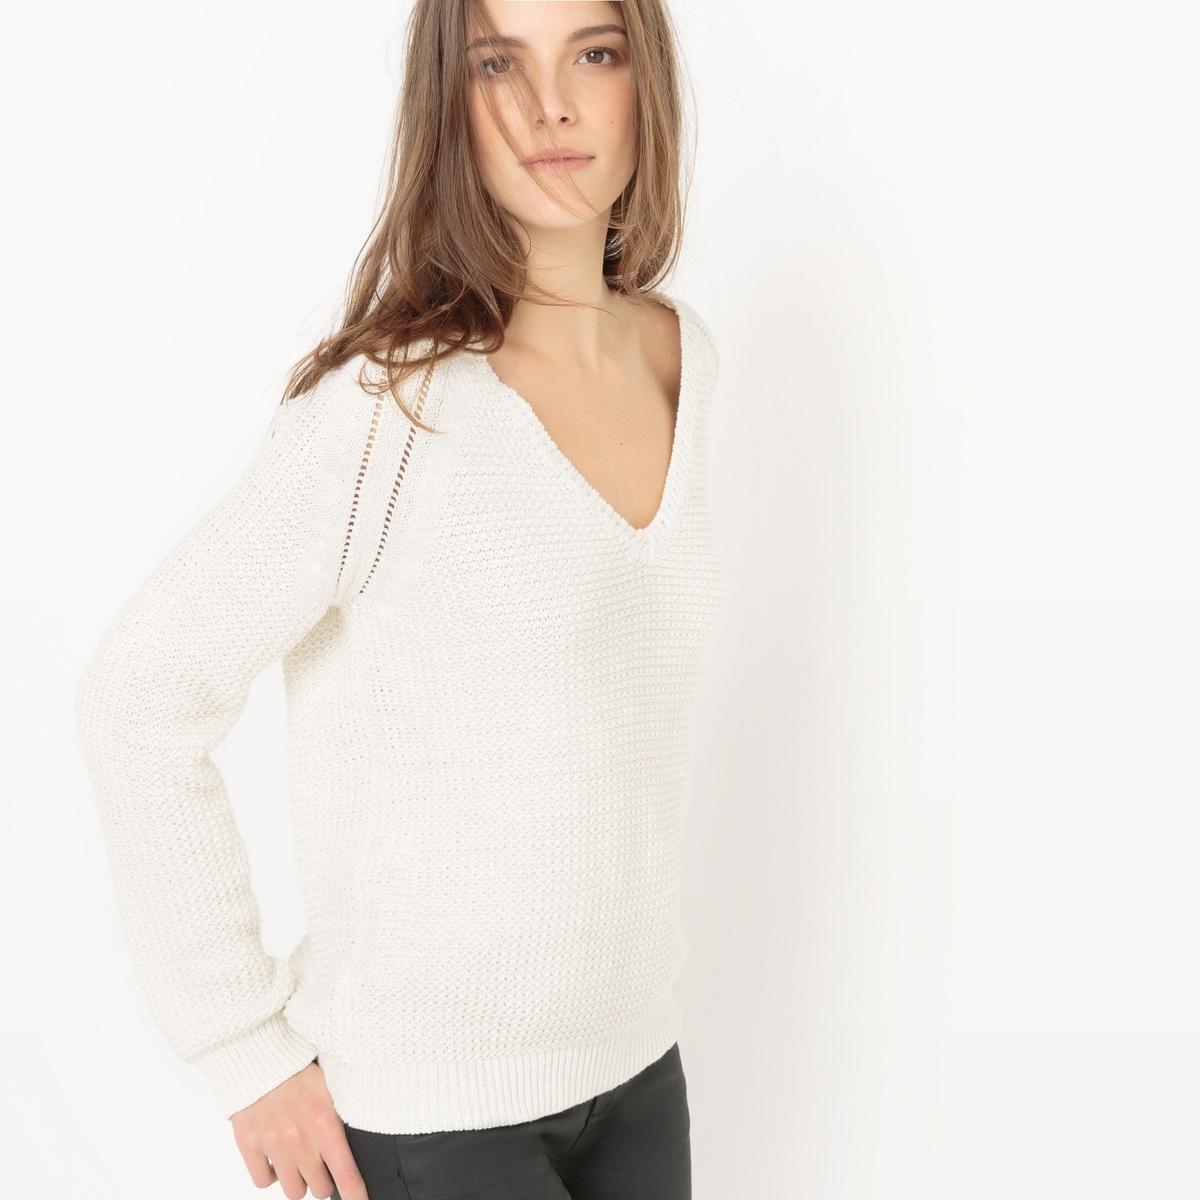 Пуловер с блестящим эффектом с V-образным вырезом из хлопка пуловер из плотного трикотажа с v образным вырезом